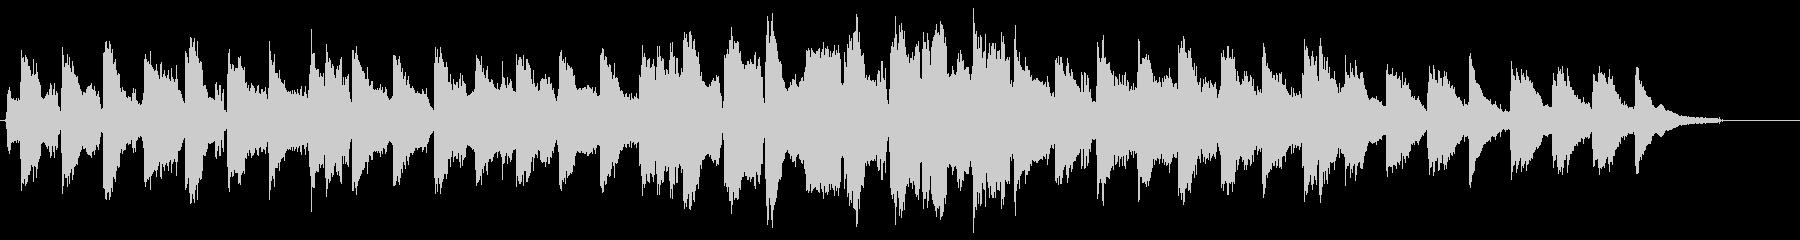 ほのぼのとした、フルートと弦のBGMの未再生の波形